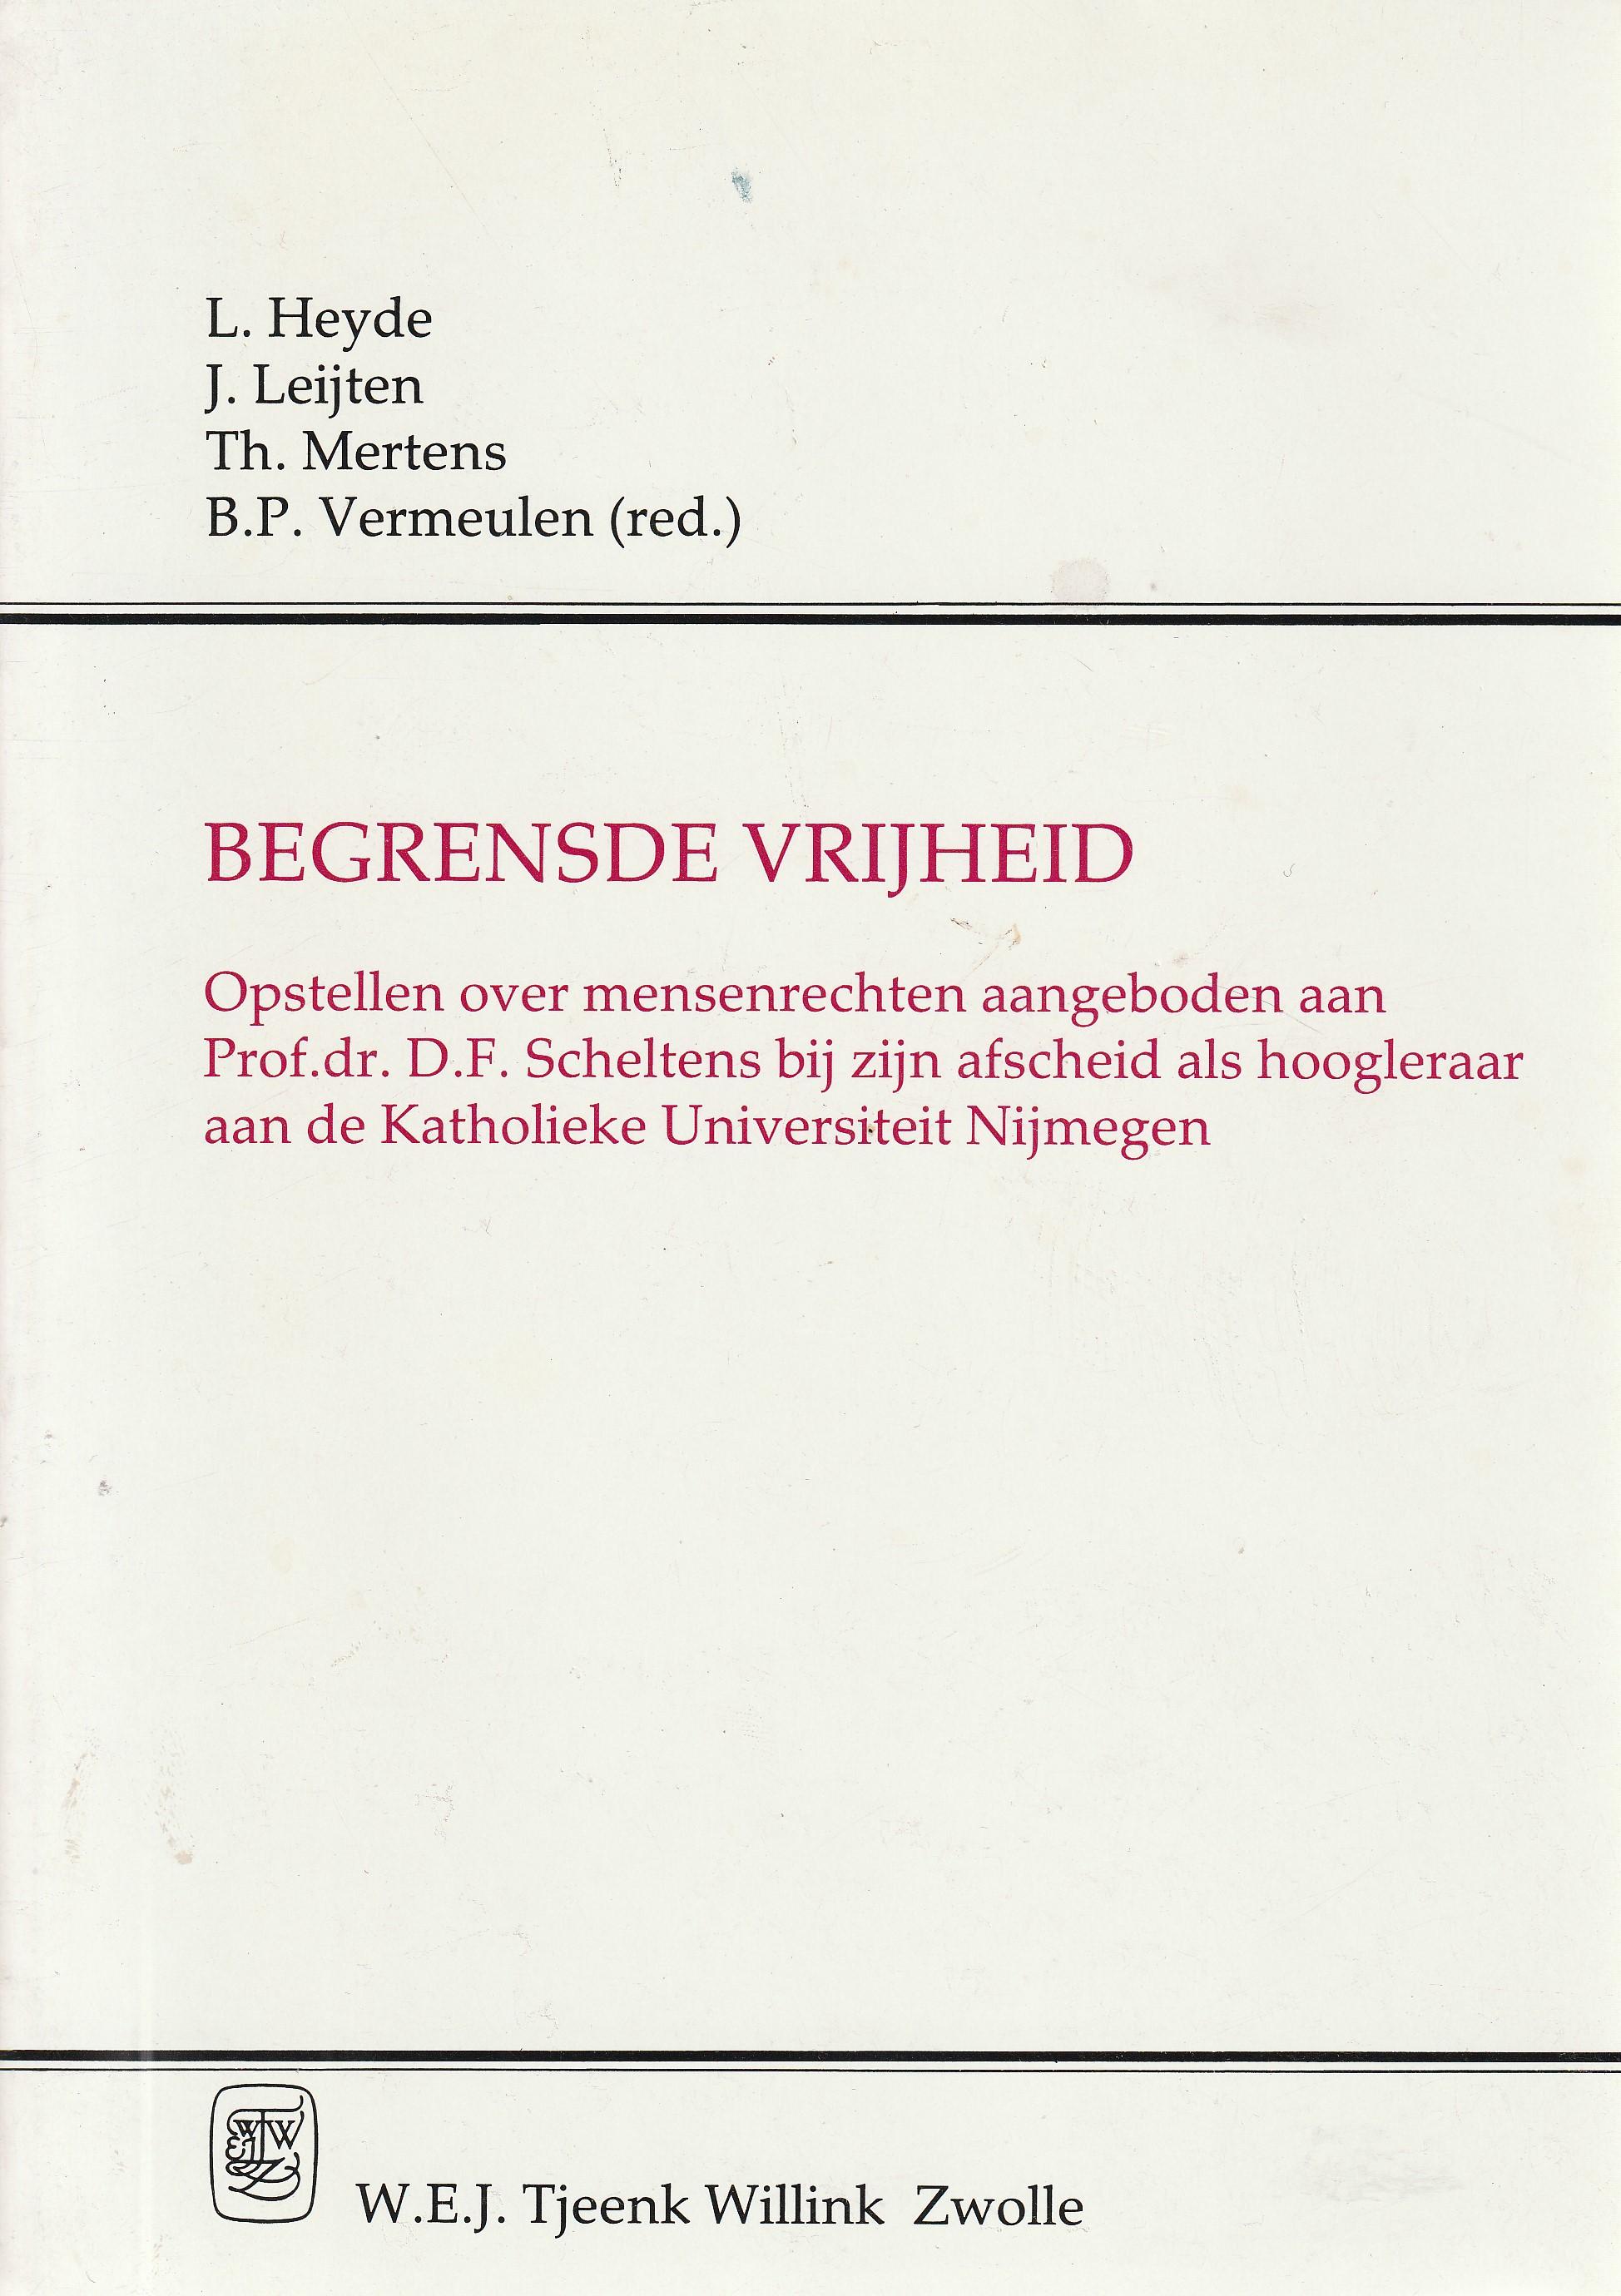 Begrensde vrijheid - Opstellen over mensenrechten aangeboden aan prof. dr. D.F. Scheltens bij zijn afscheid als hoogleraar aan de katholieke Universiteit Nijmegen